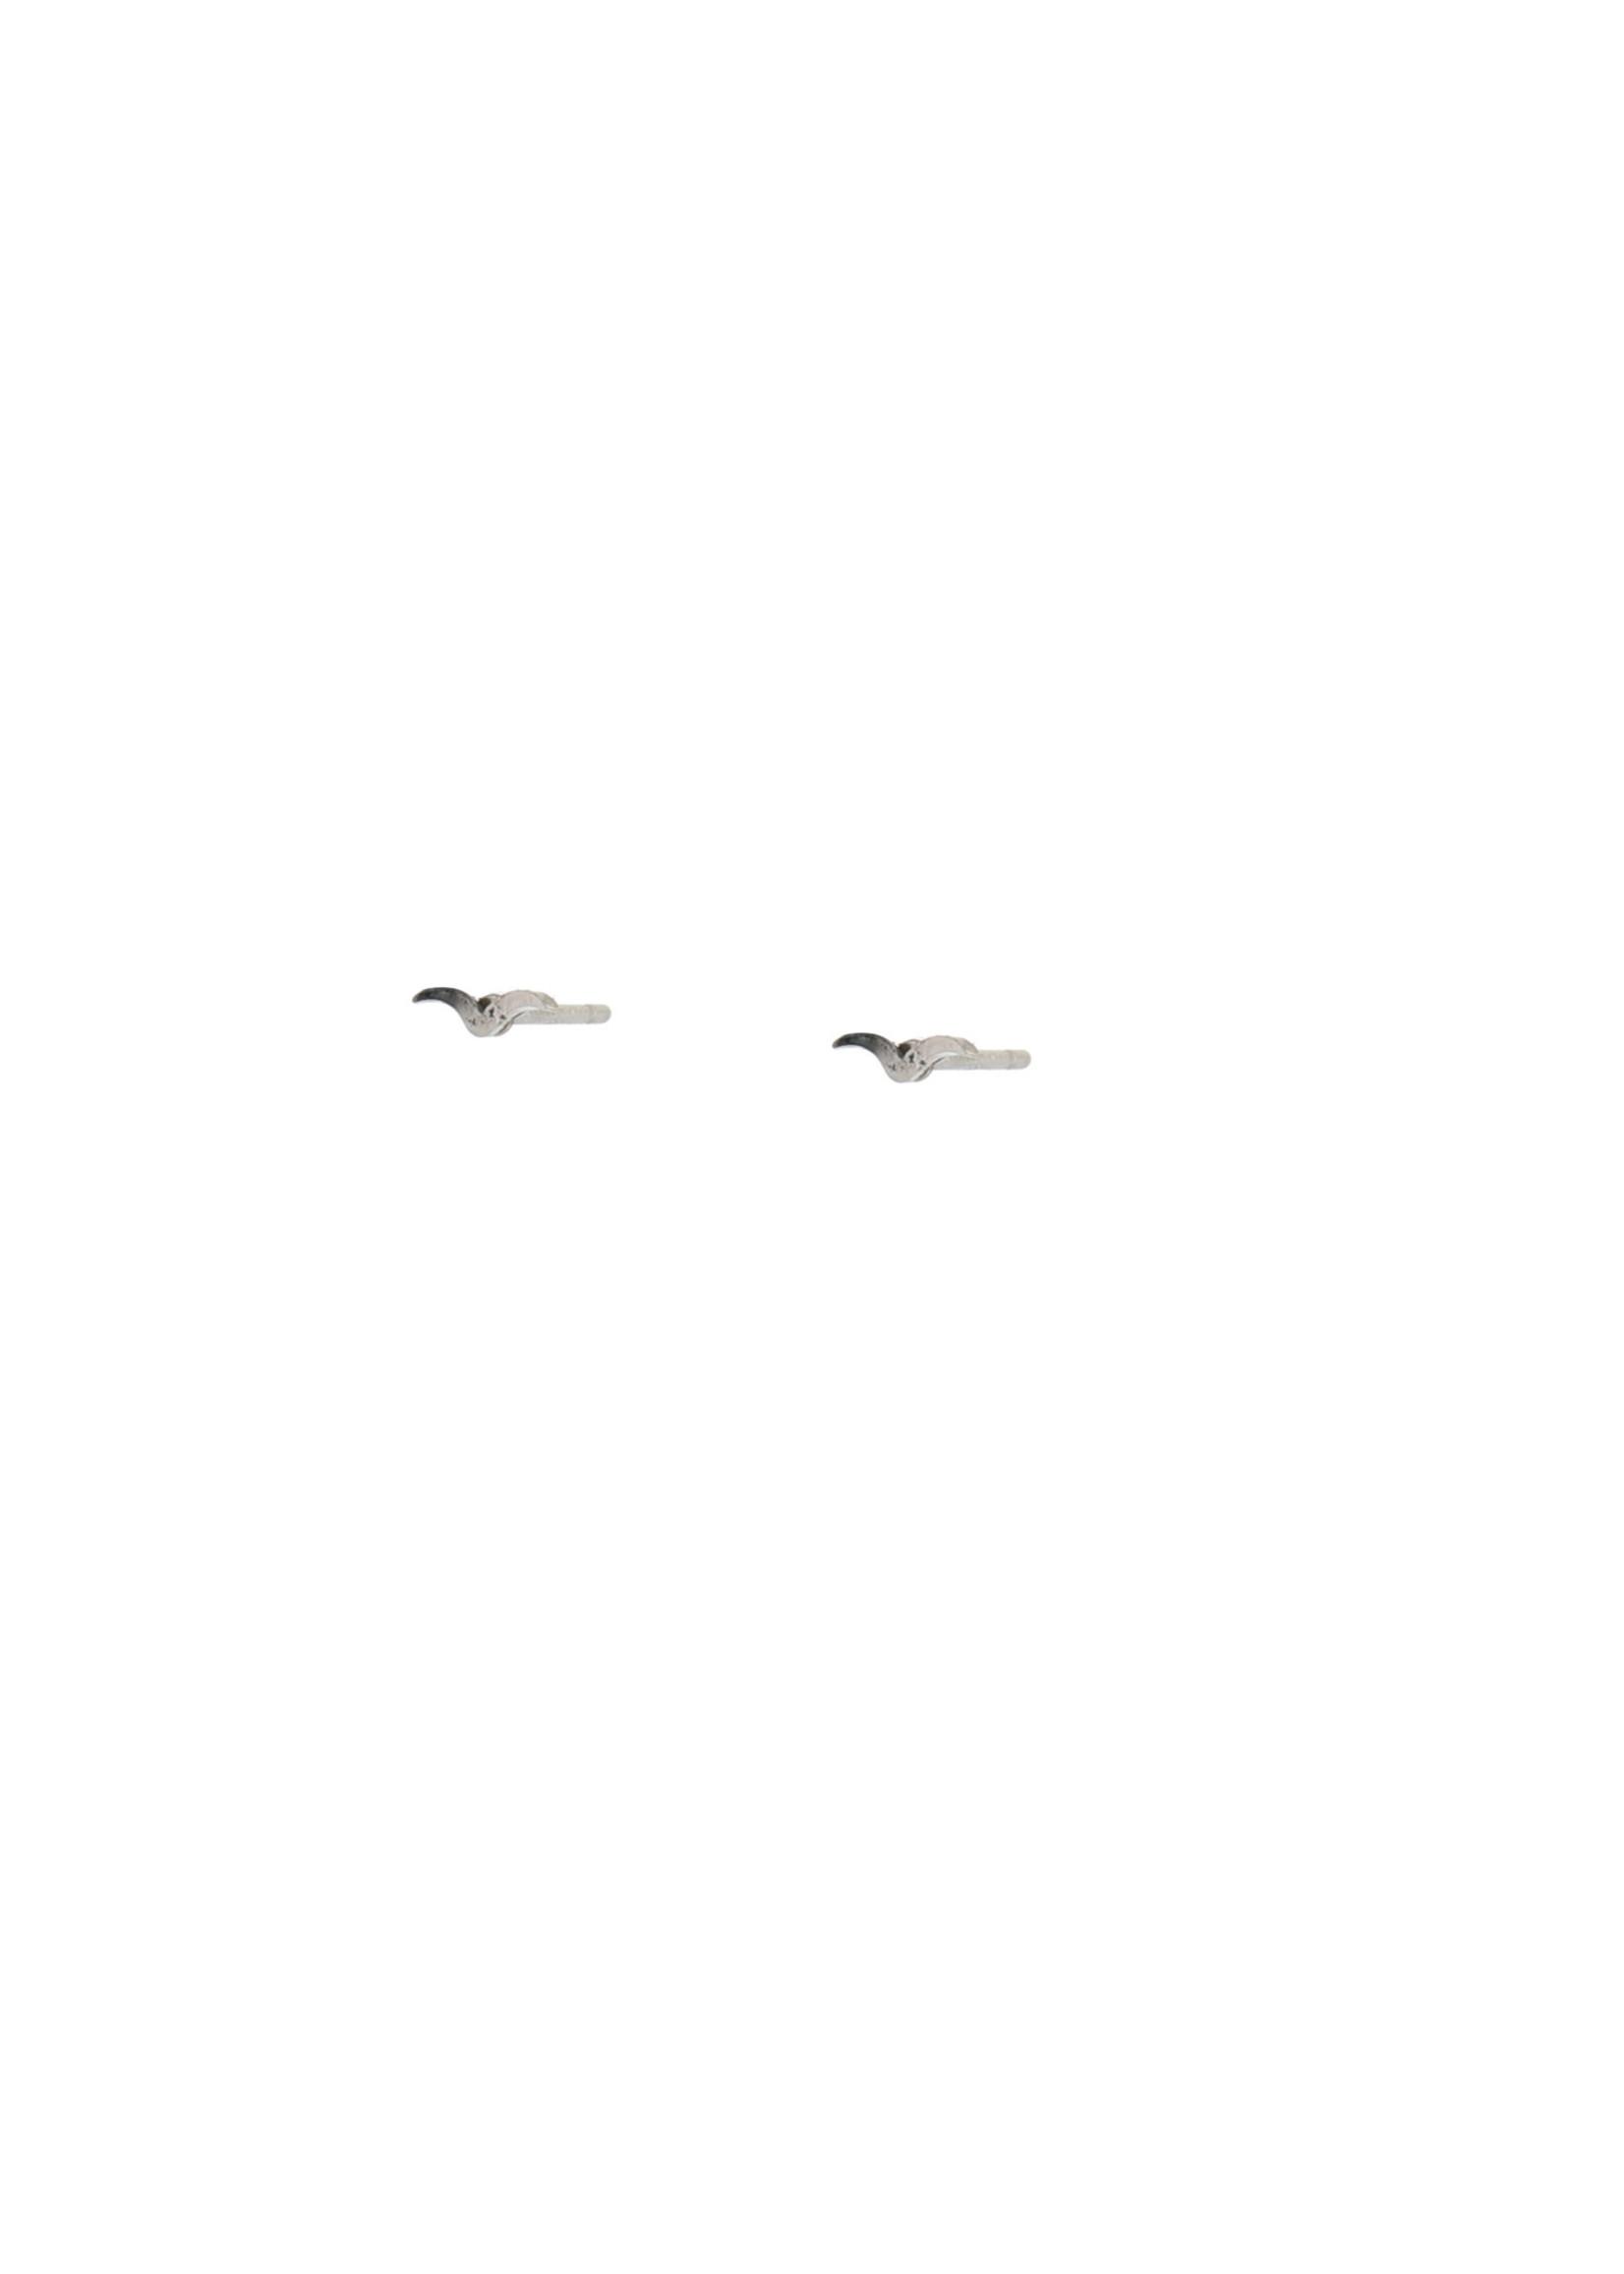 Oorbel zilver grote sierlijke V E0496-1